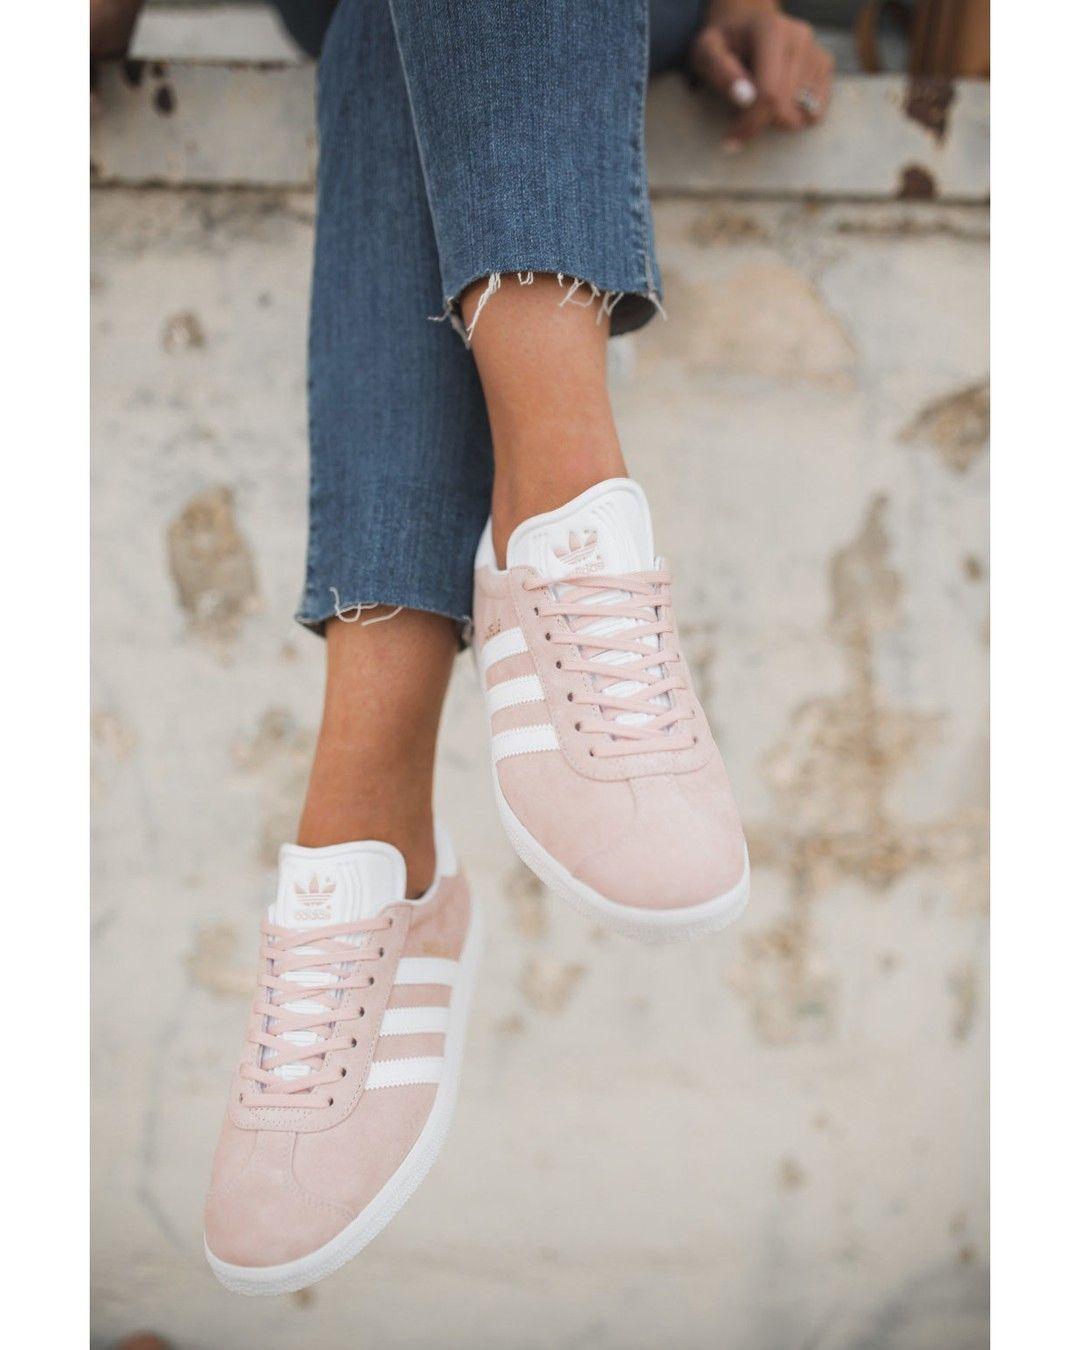 negozio scarpe adidas perugia